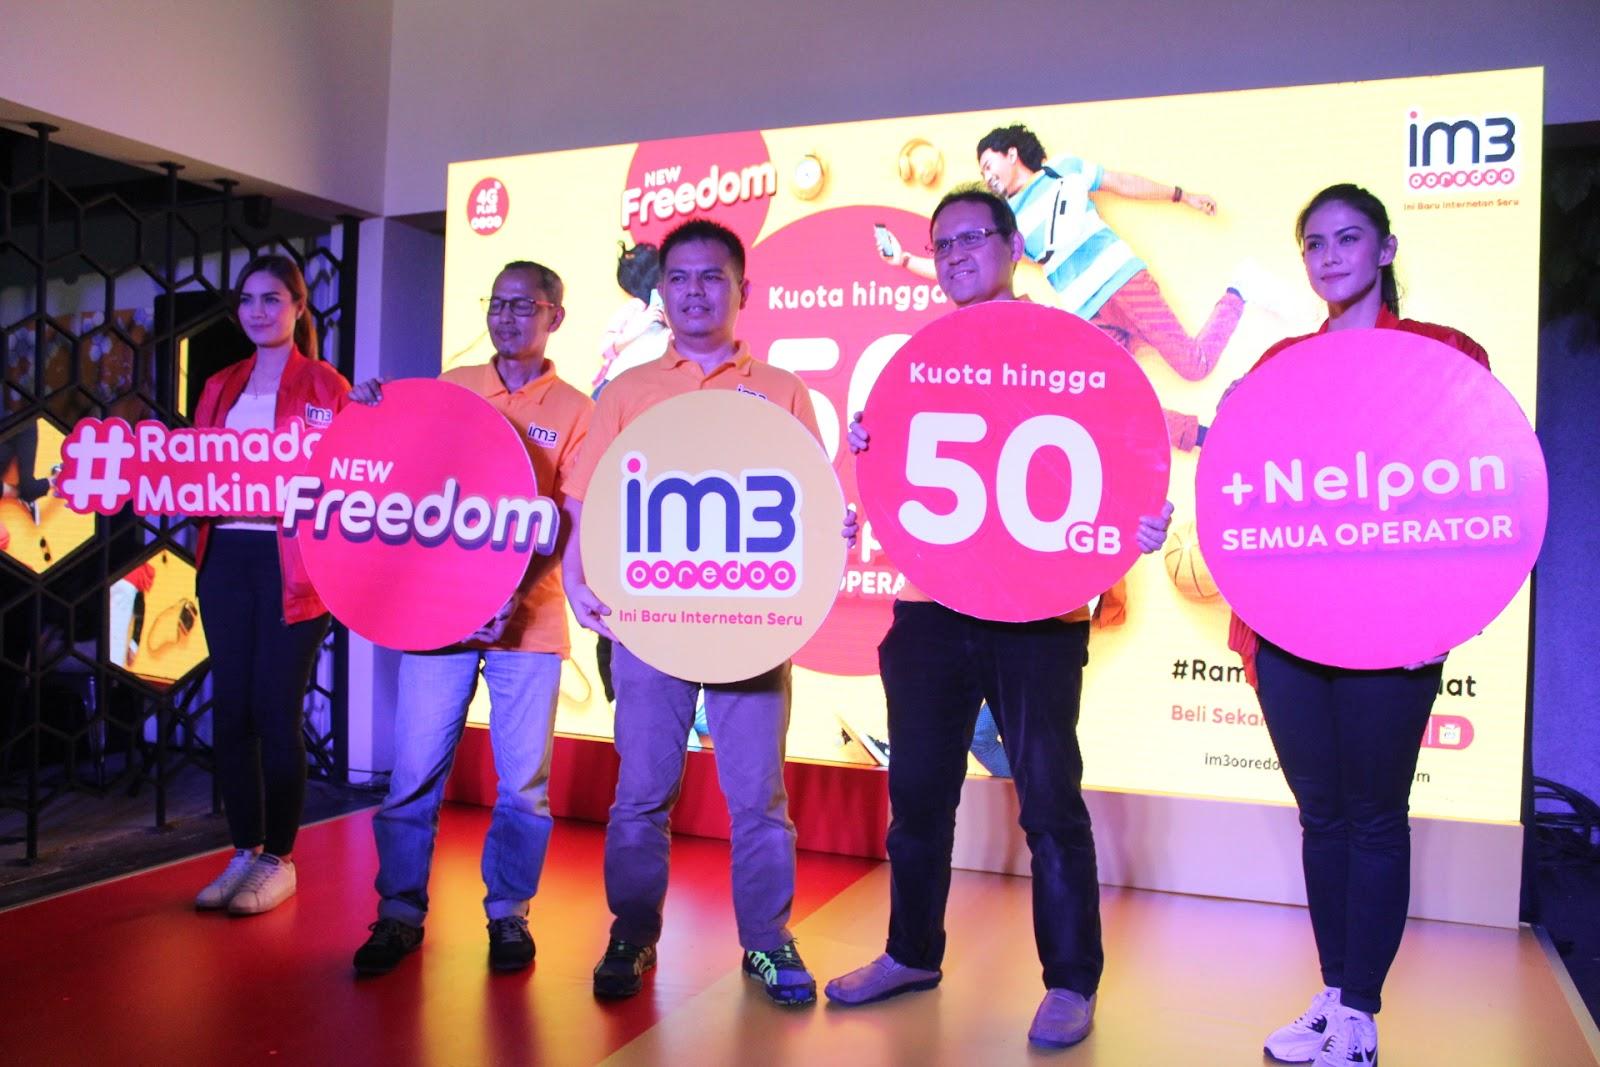 Peluncuran Paket New Freedom IM3 Ooredoo di Bandung